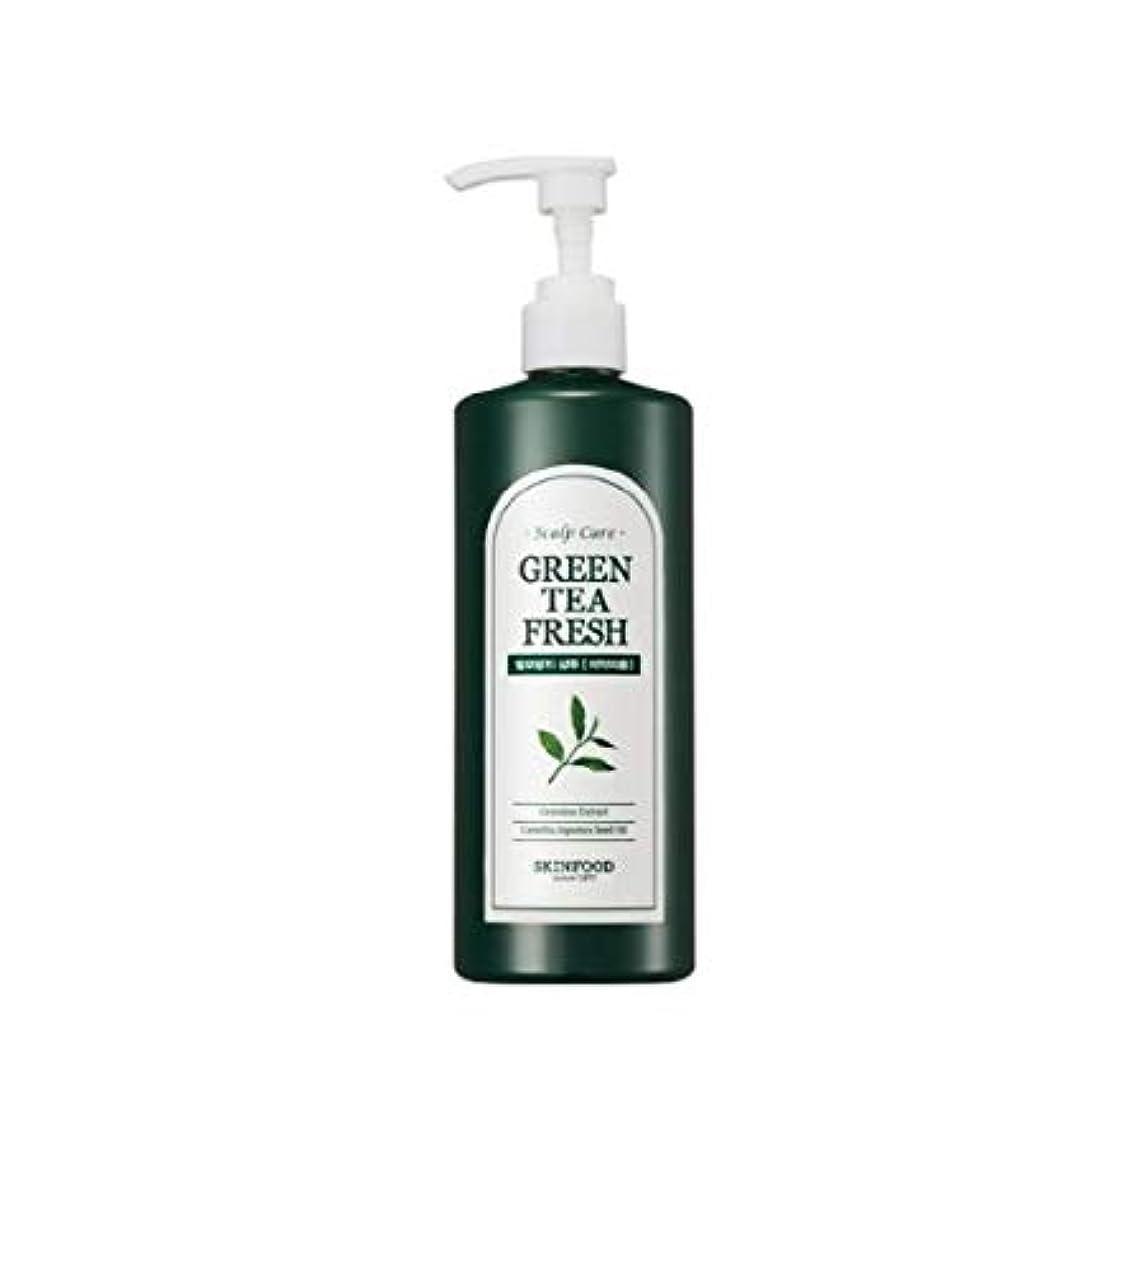 鹿同時ブレイズSkinfood グリーンティーフレッシュシャンプー/Greentea Fresh Shampoo 400ml [並行輸入品]